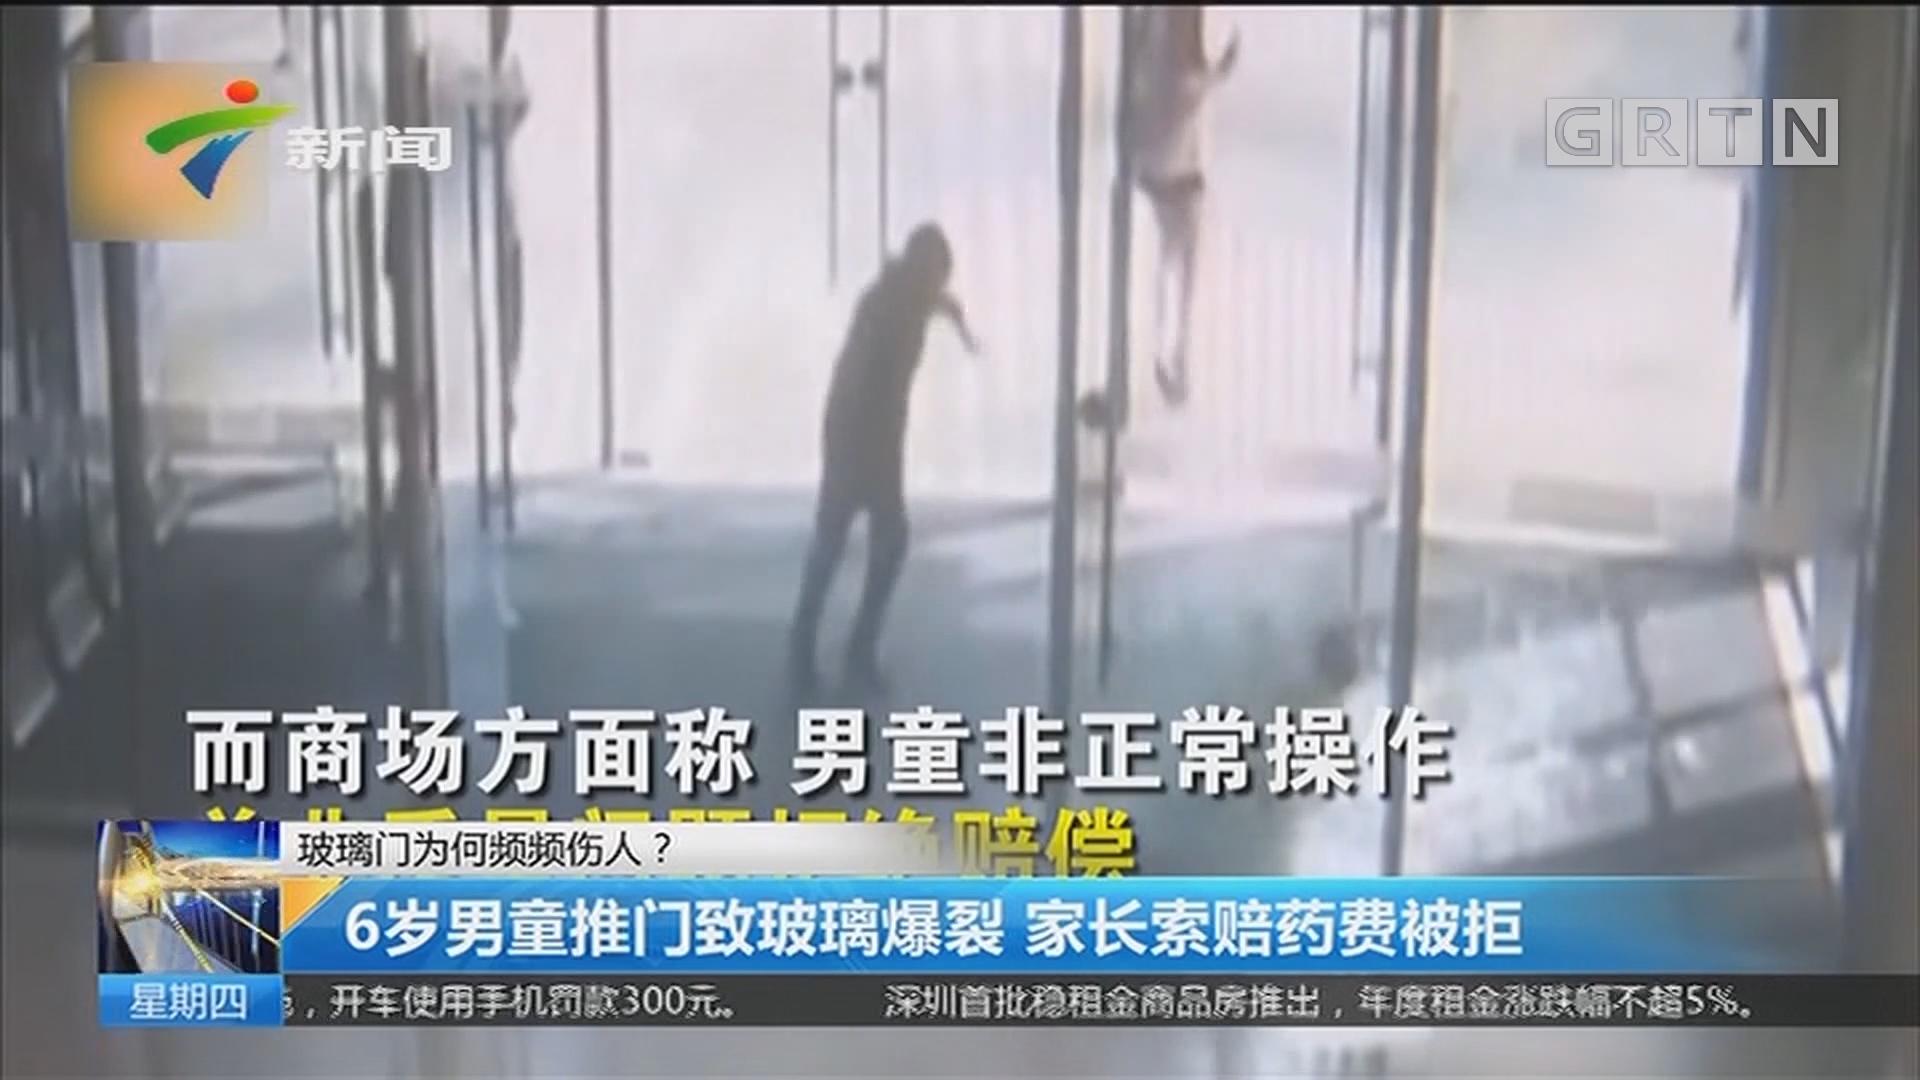 玻璃门为何频频伤人?6岁男童推门致玻璃爆裂 家长索赔药费被拒